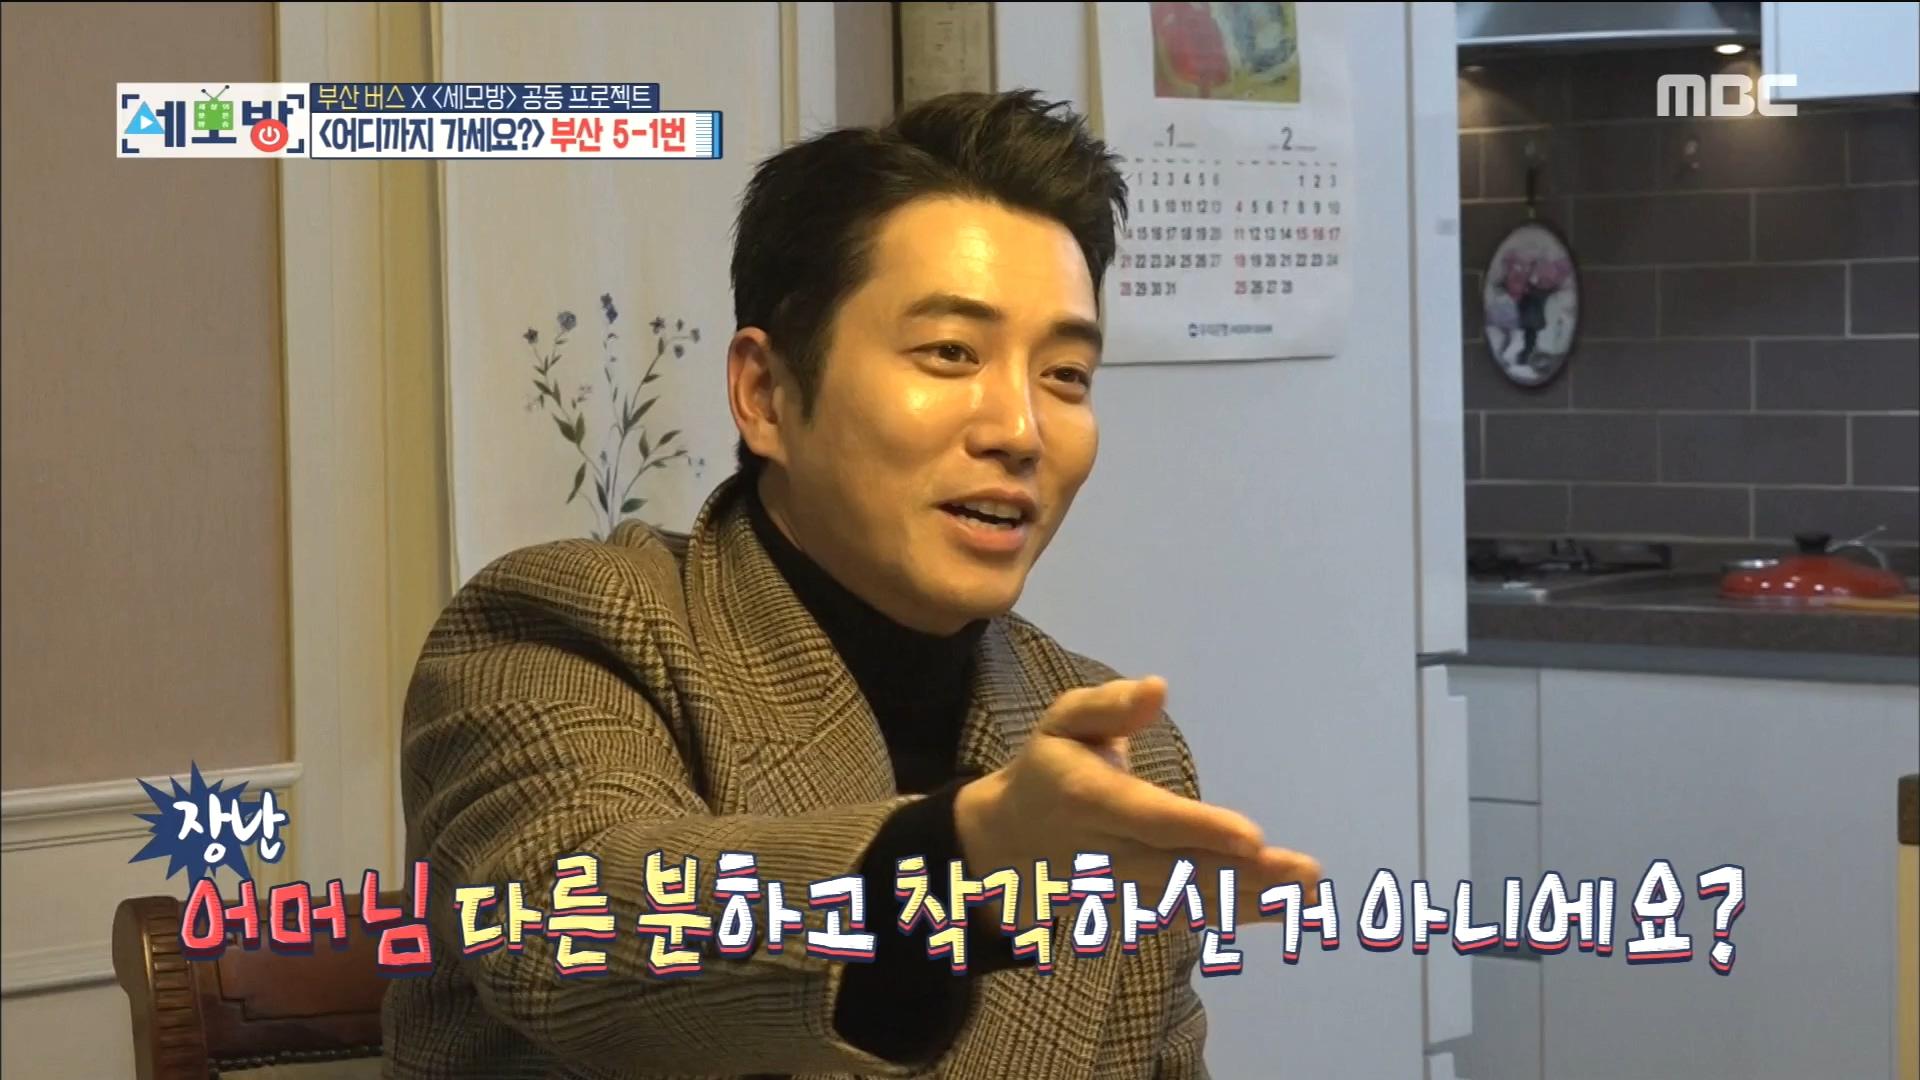 분량 없던 주상욱에게 내려진 예능신의 가호..(feat. 소주&해물탕)